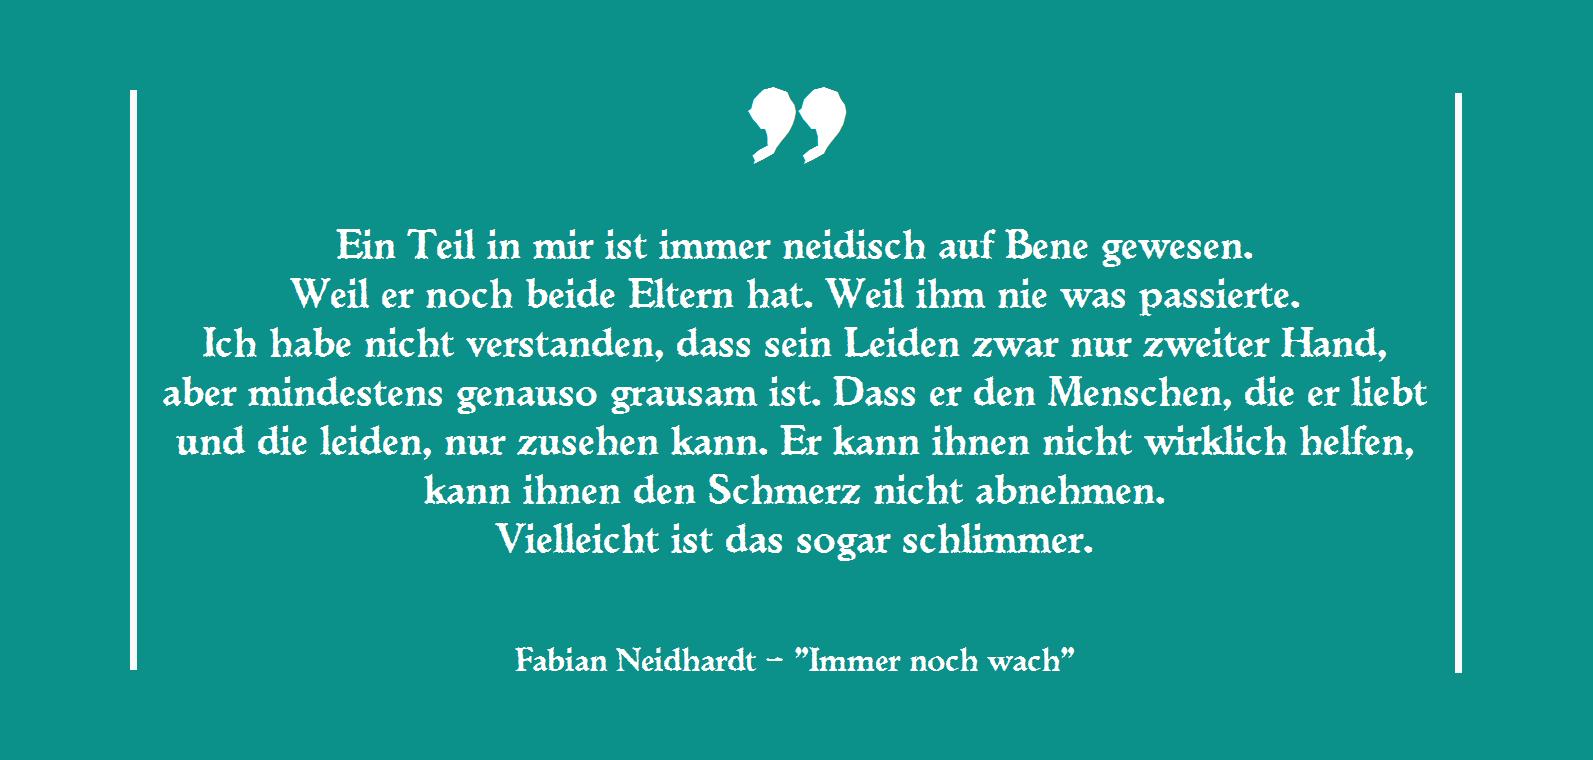 Fabian Neidhardt - Immer noch wach